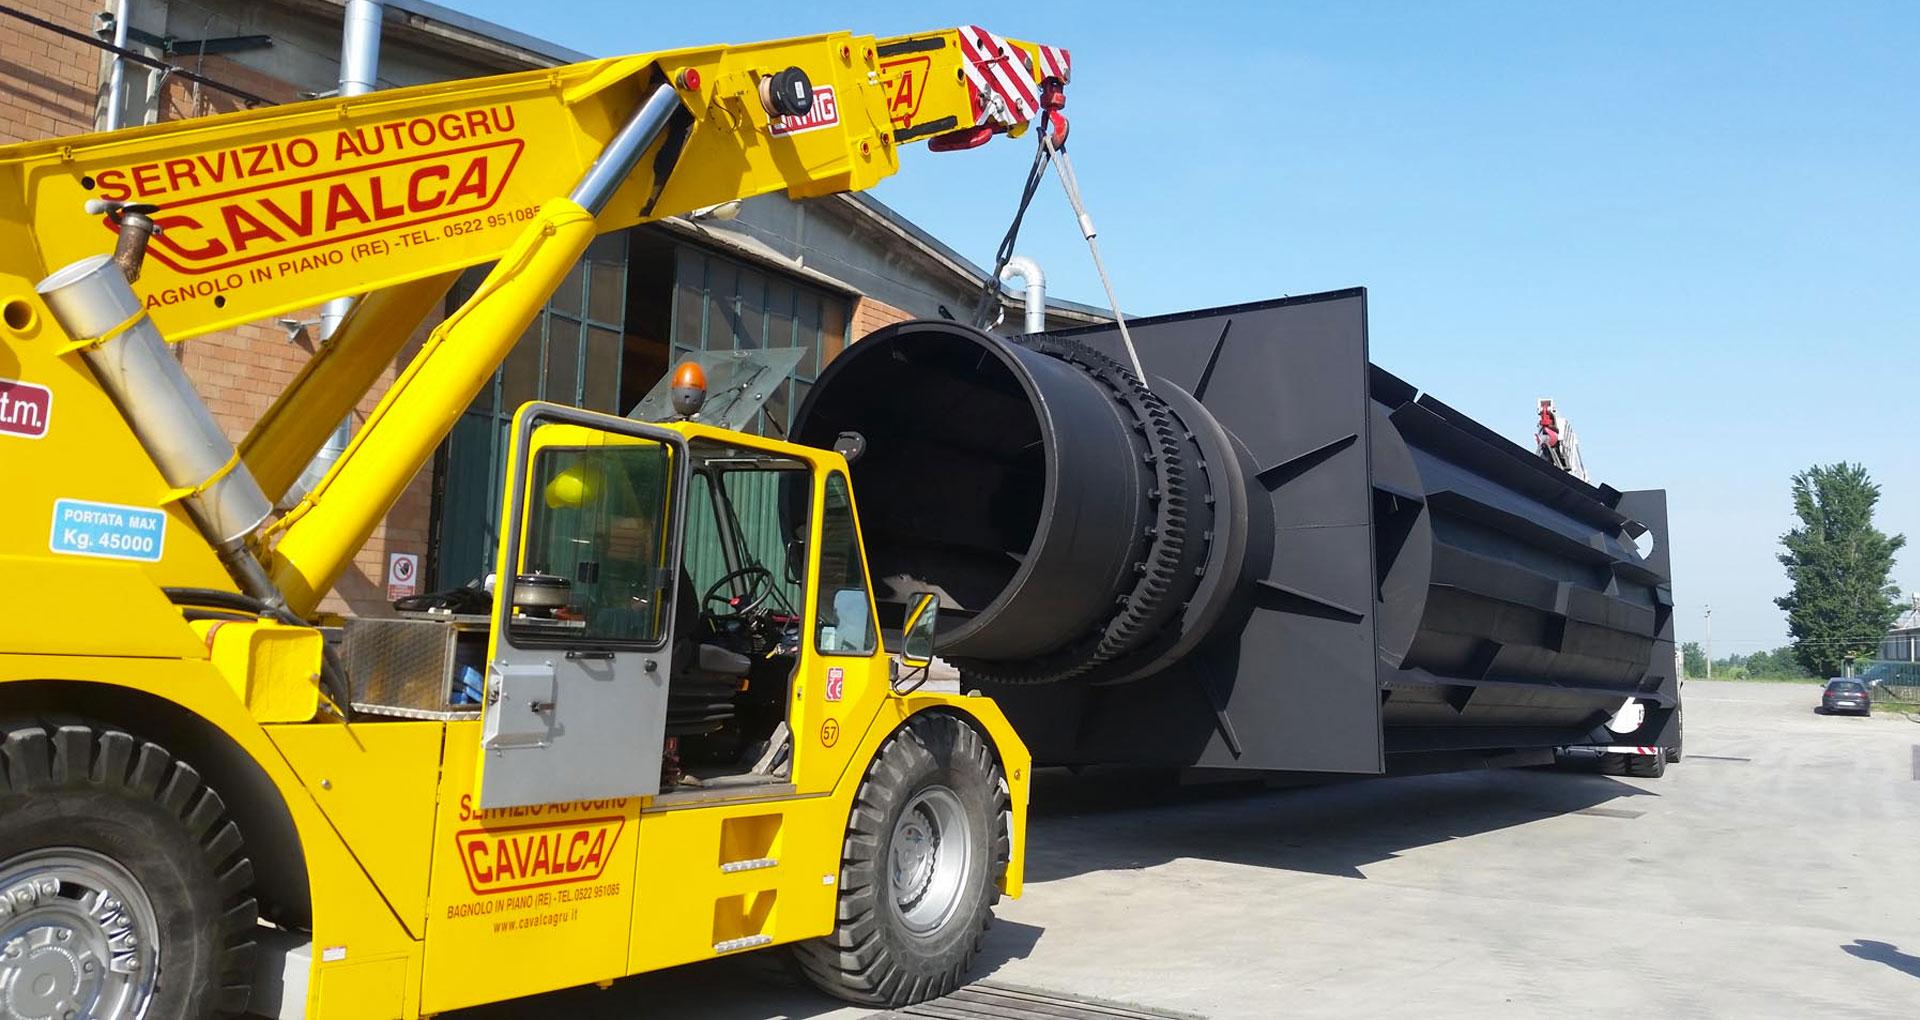 Cavalca Autogru è specializzata in noleggio autogru, camion gru, piattaforme aeree gru semoventi a Reggio Emilia, Modena, Parma, Mantova, Bologna e Piacenza